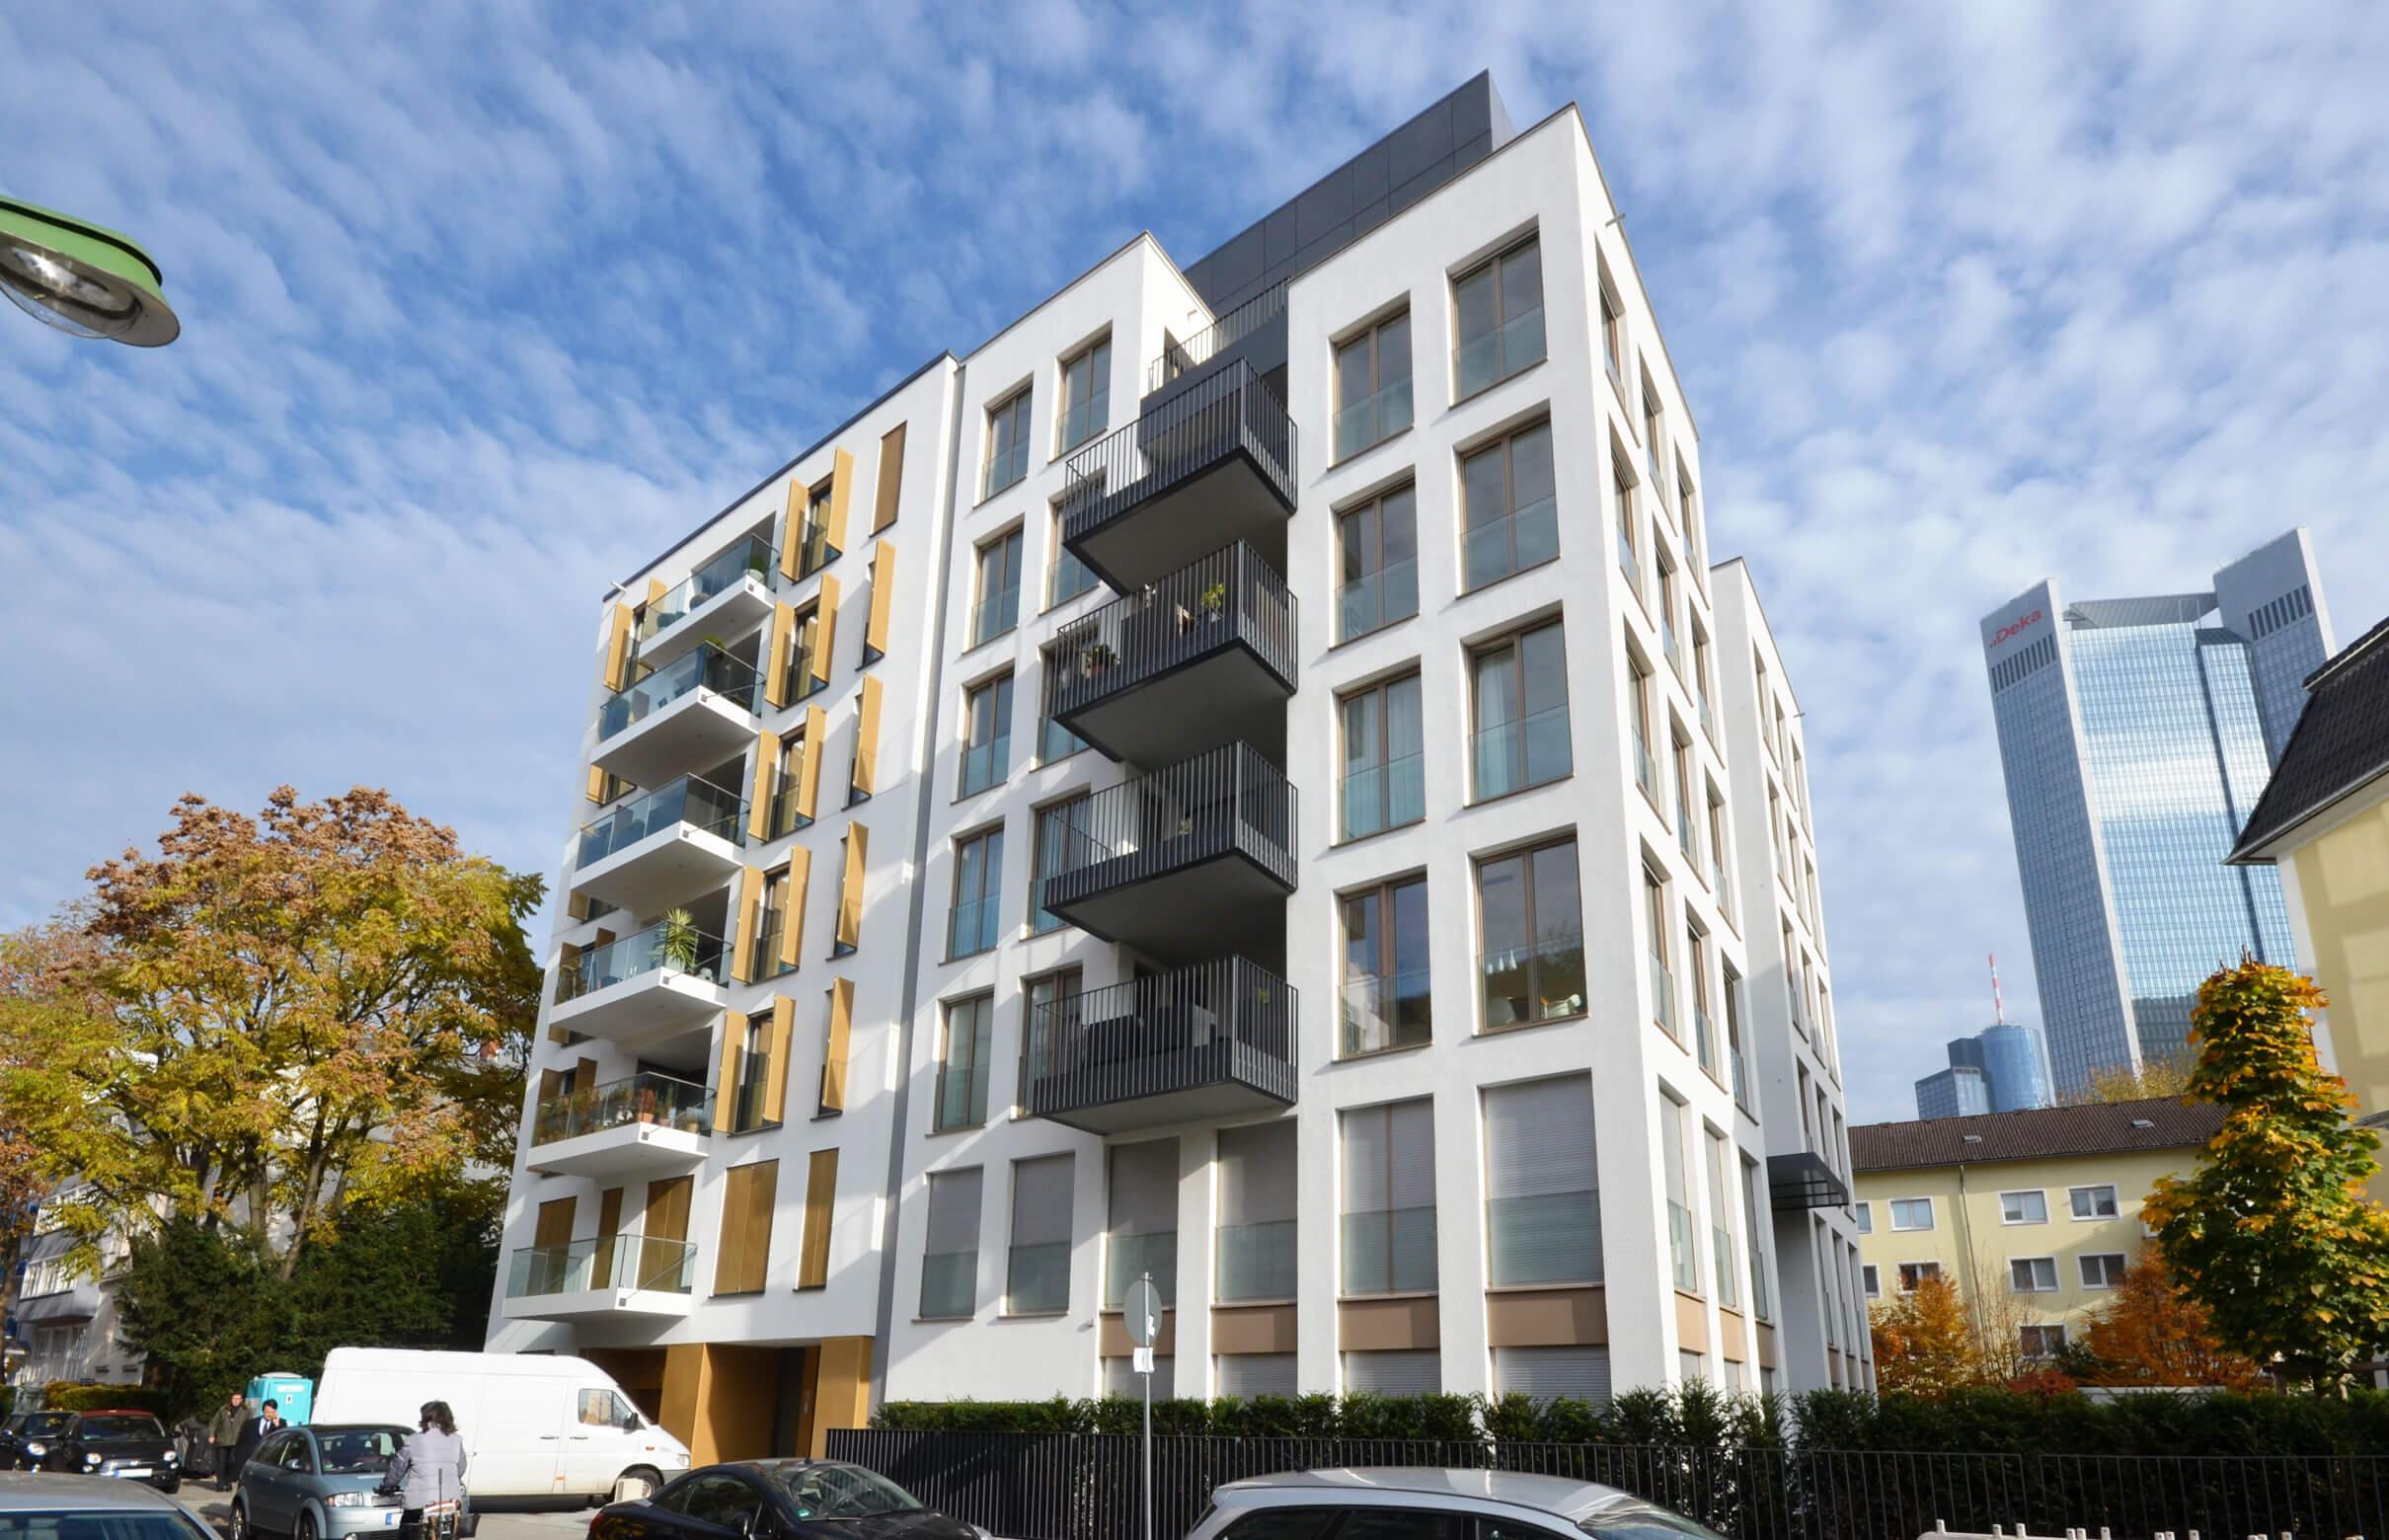 Damian Werner - Renovierung -Altbausanierung-Feuerbachstraße-8-Frankfurt-Umbau-zu-Wohnungen-SF